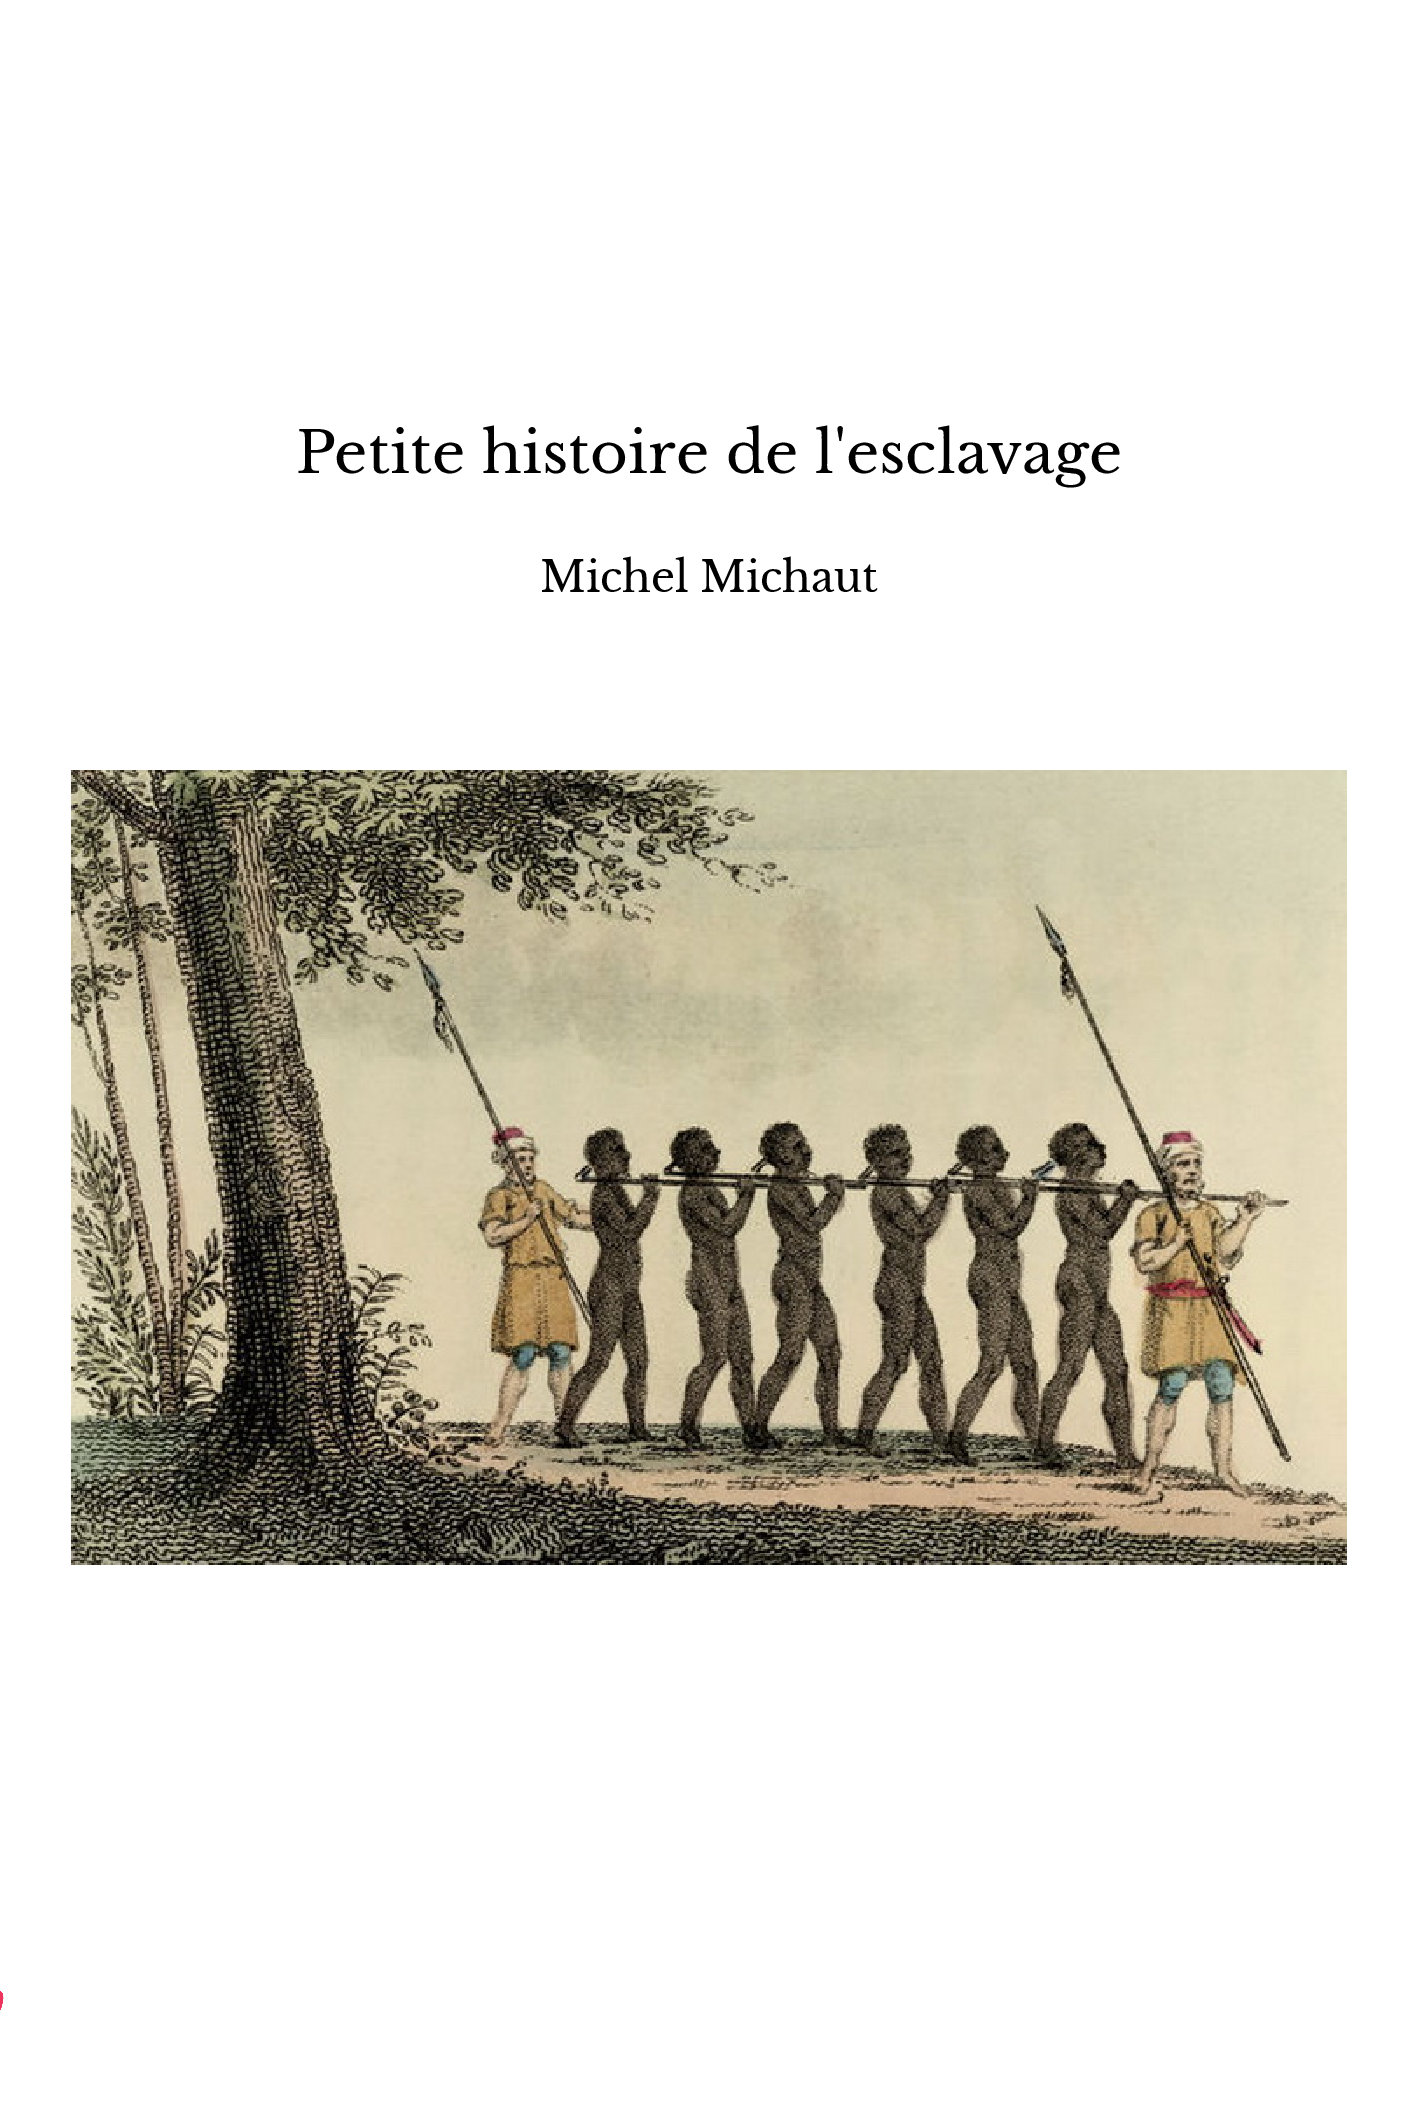 Petite histoire de l'esclavage